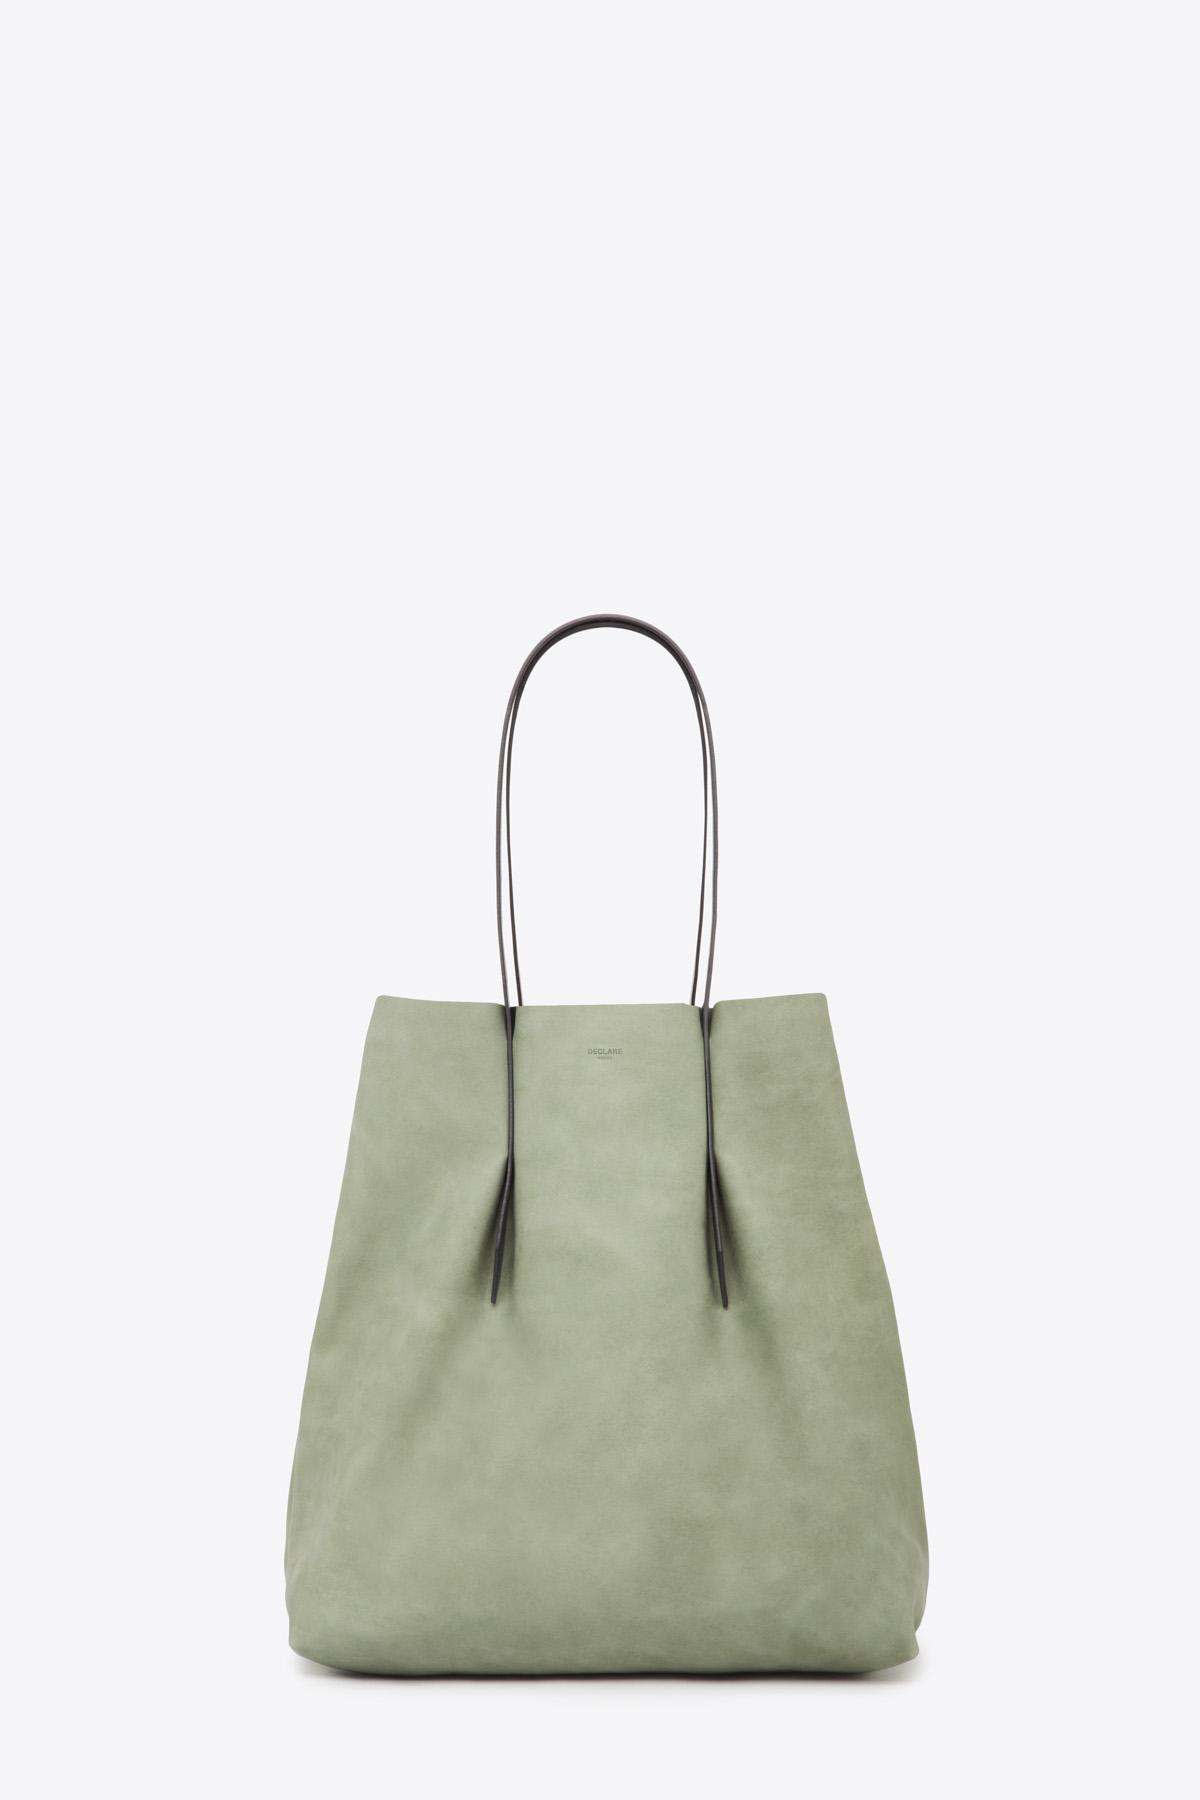 dclr006-shoppingbag-a9-jadegreen-front